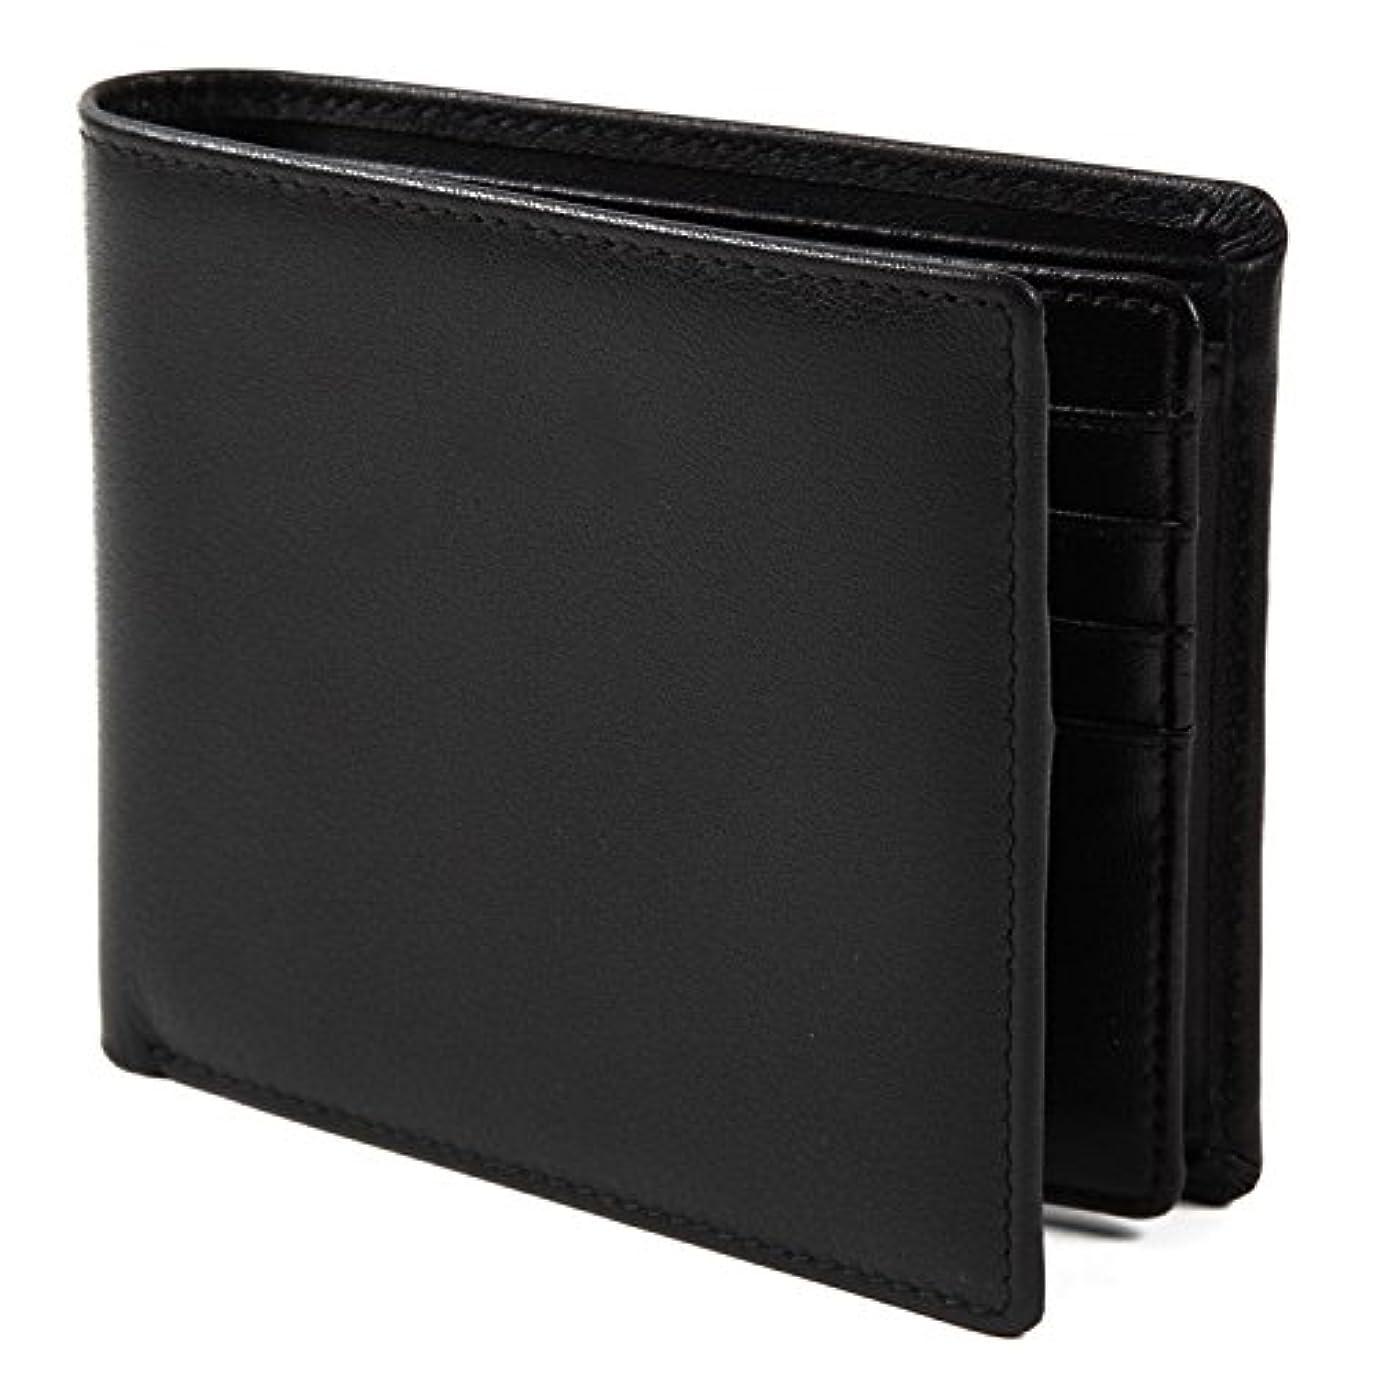 エンジニア分泌する精査【Avangly】二つ折り 財布 本革 大容量 メンズ ボックス型小銭入れ 隠しポケット付き 二つ折り財布